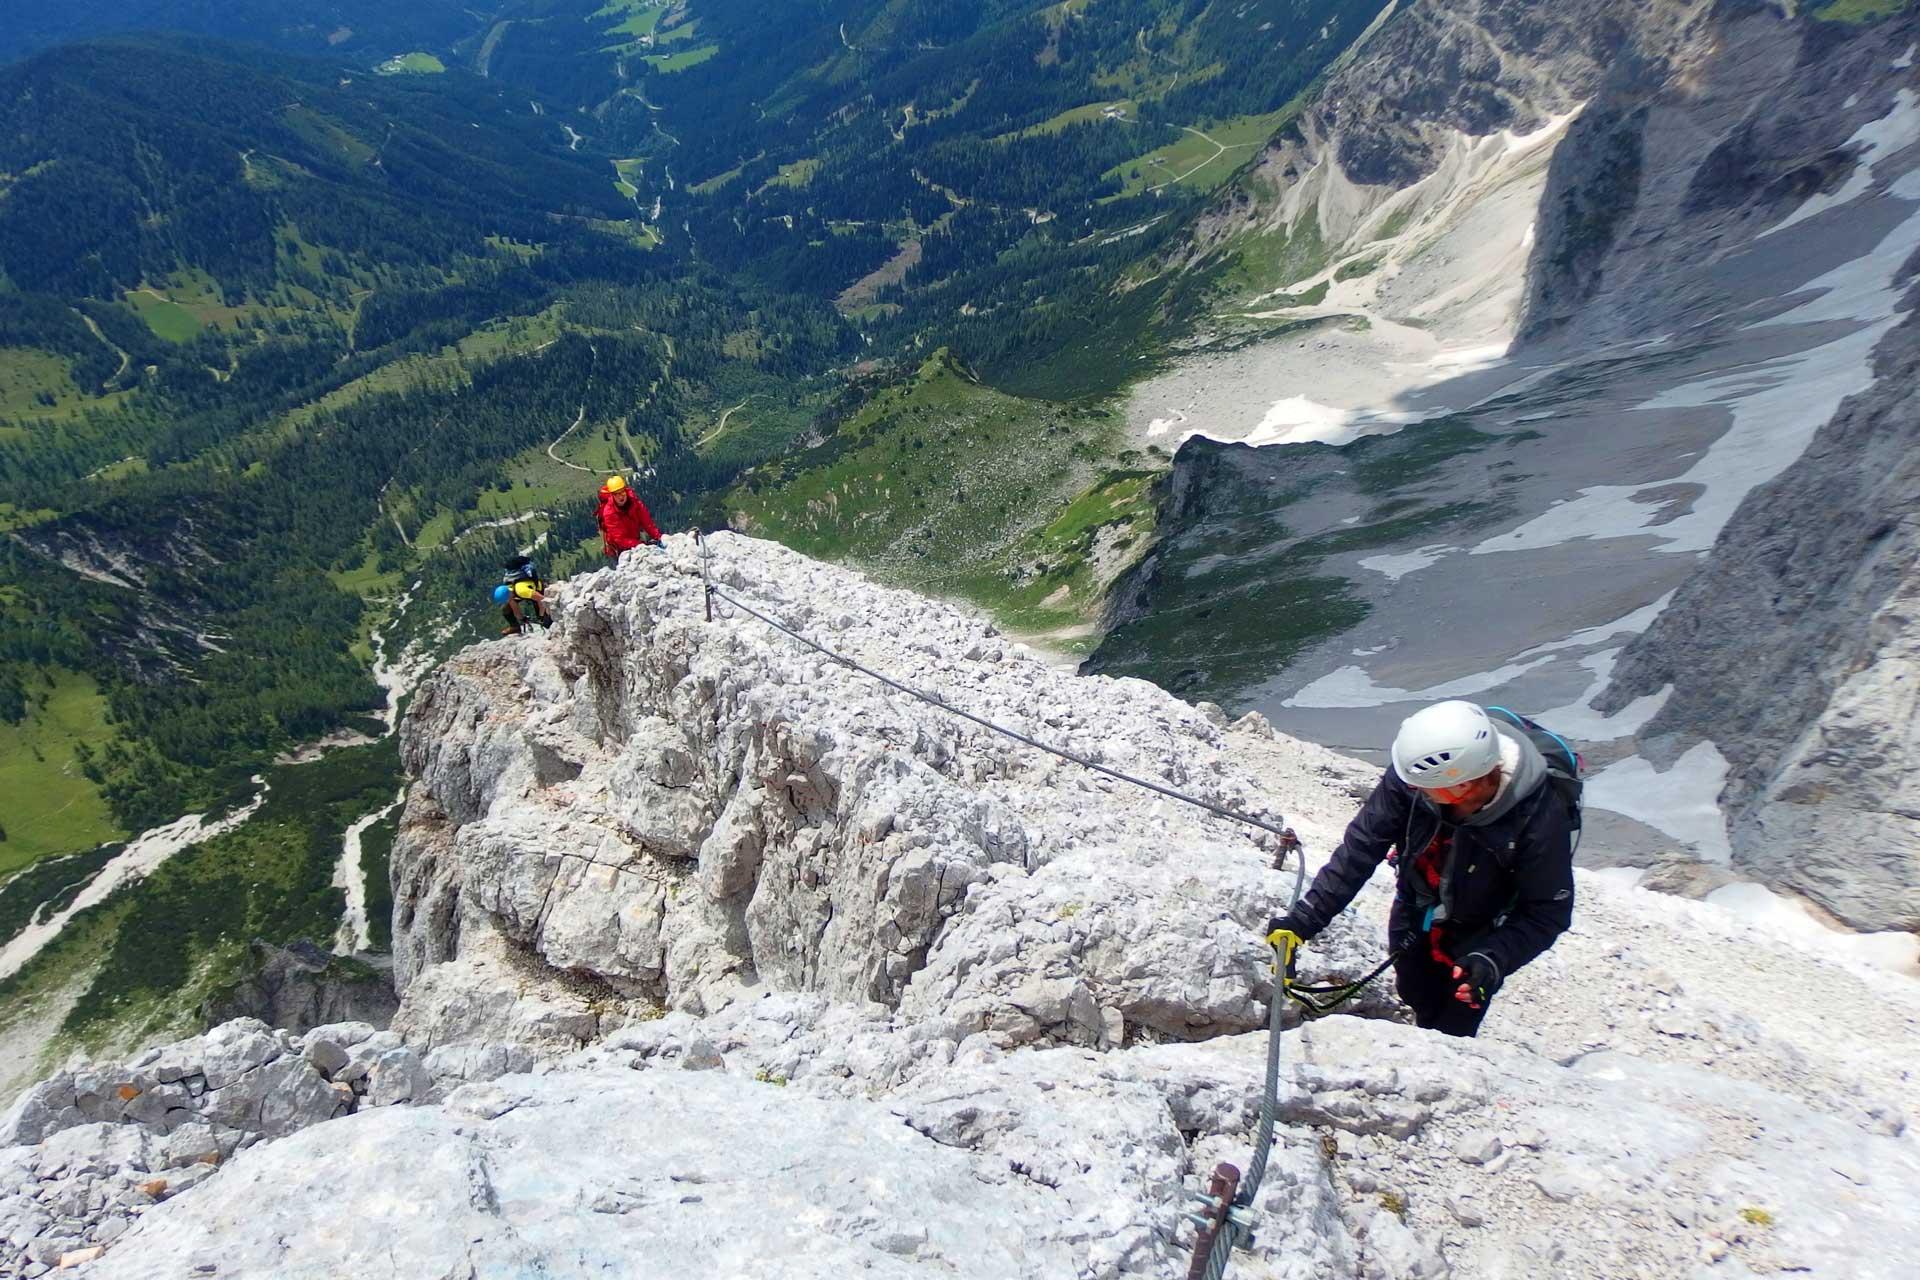 L'escalade, un sport risqué qui peut entraîner un dommage corporel.